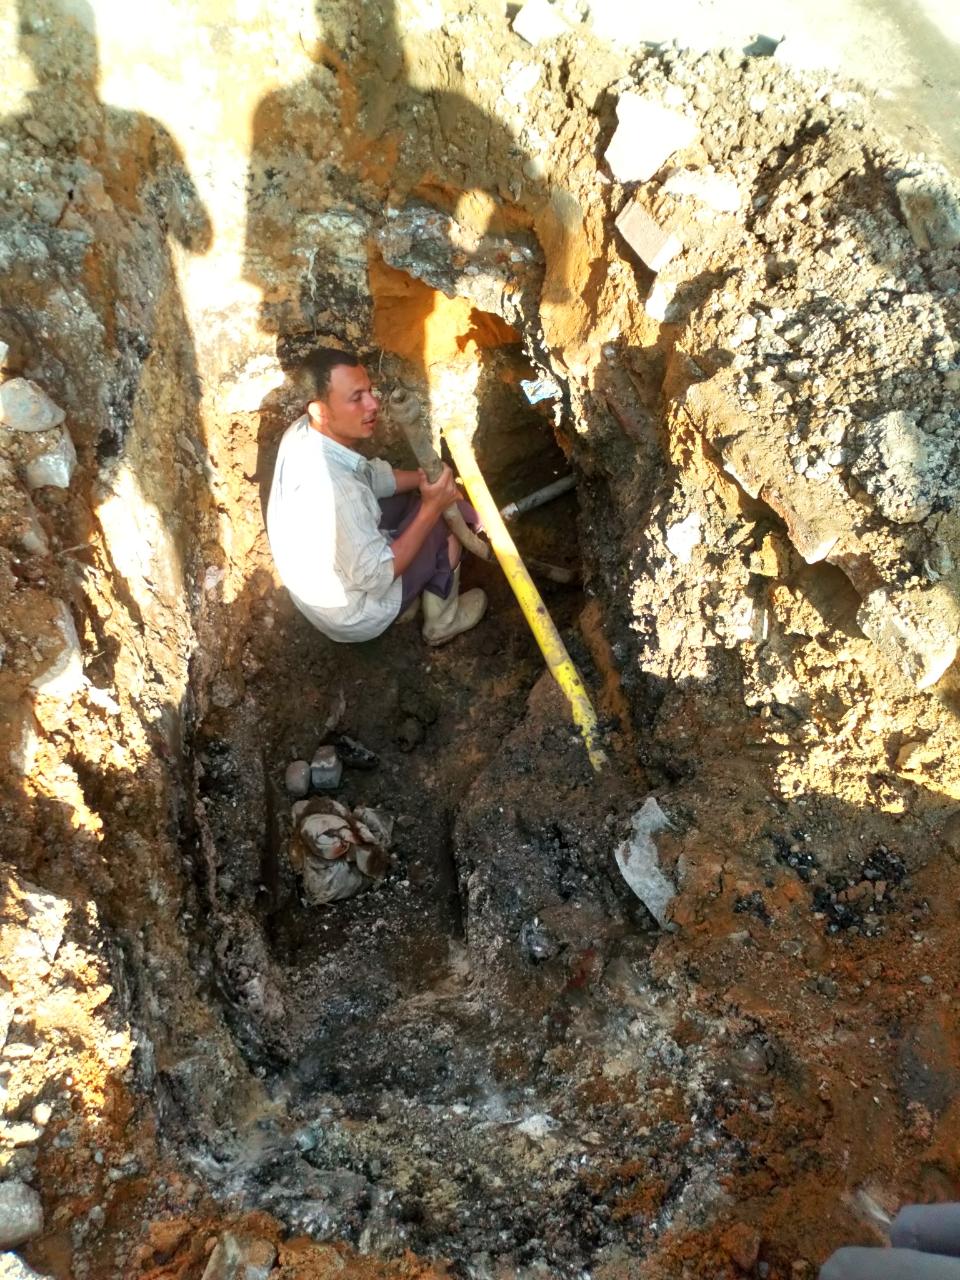 رفع الإشغالات بالعجوزة والطالبية وإصلاح كسر ماسورة مياه جنوب الجيزة  (1)